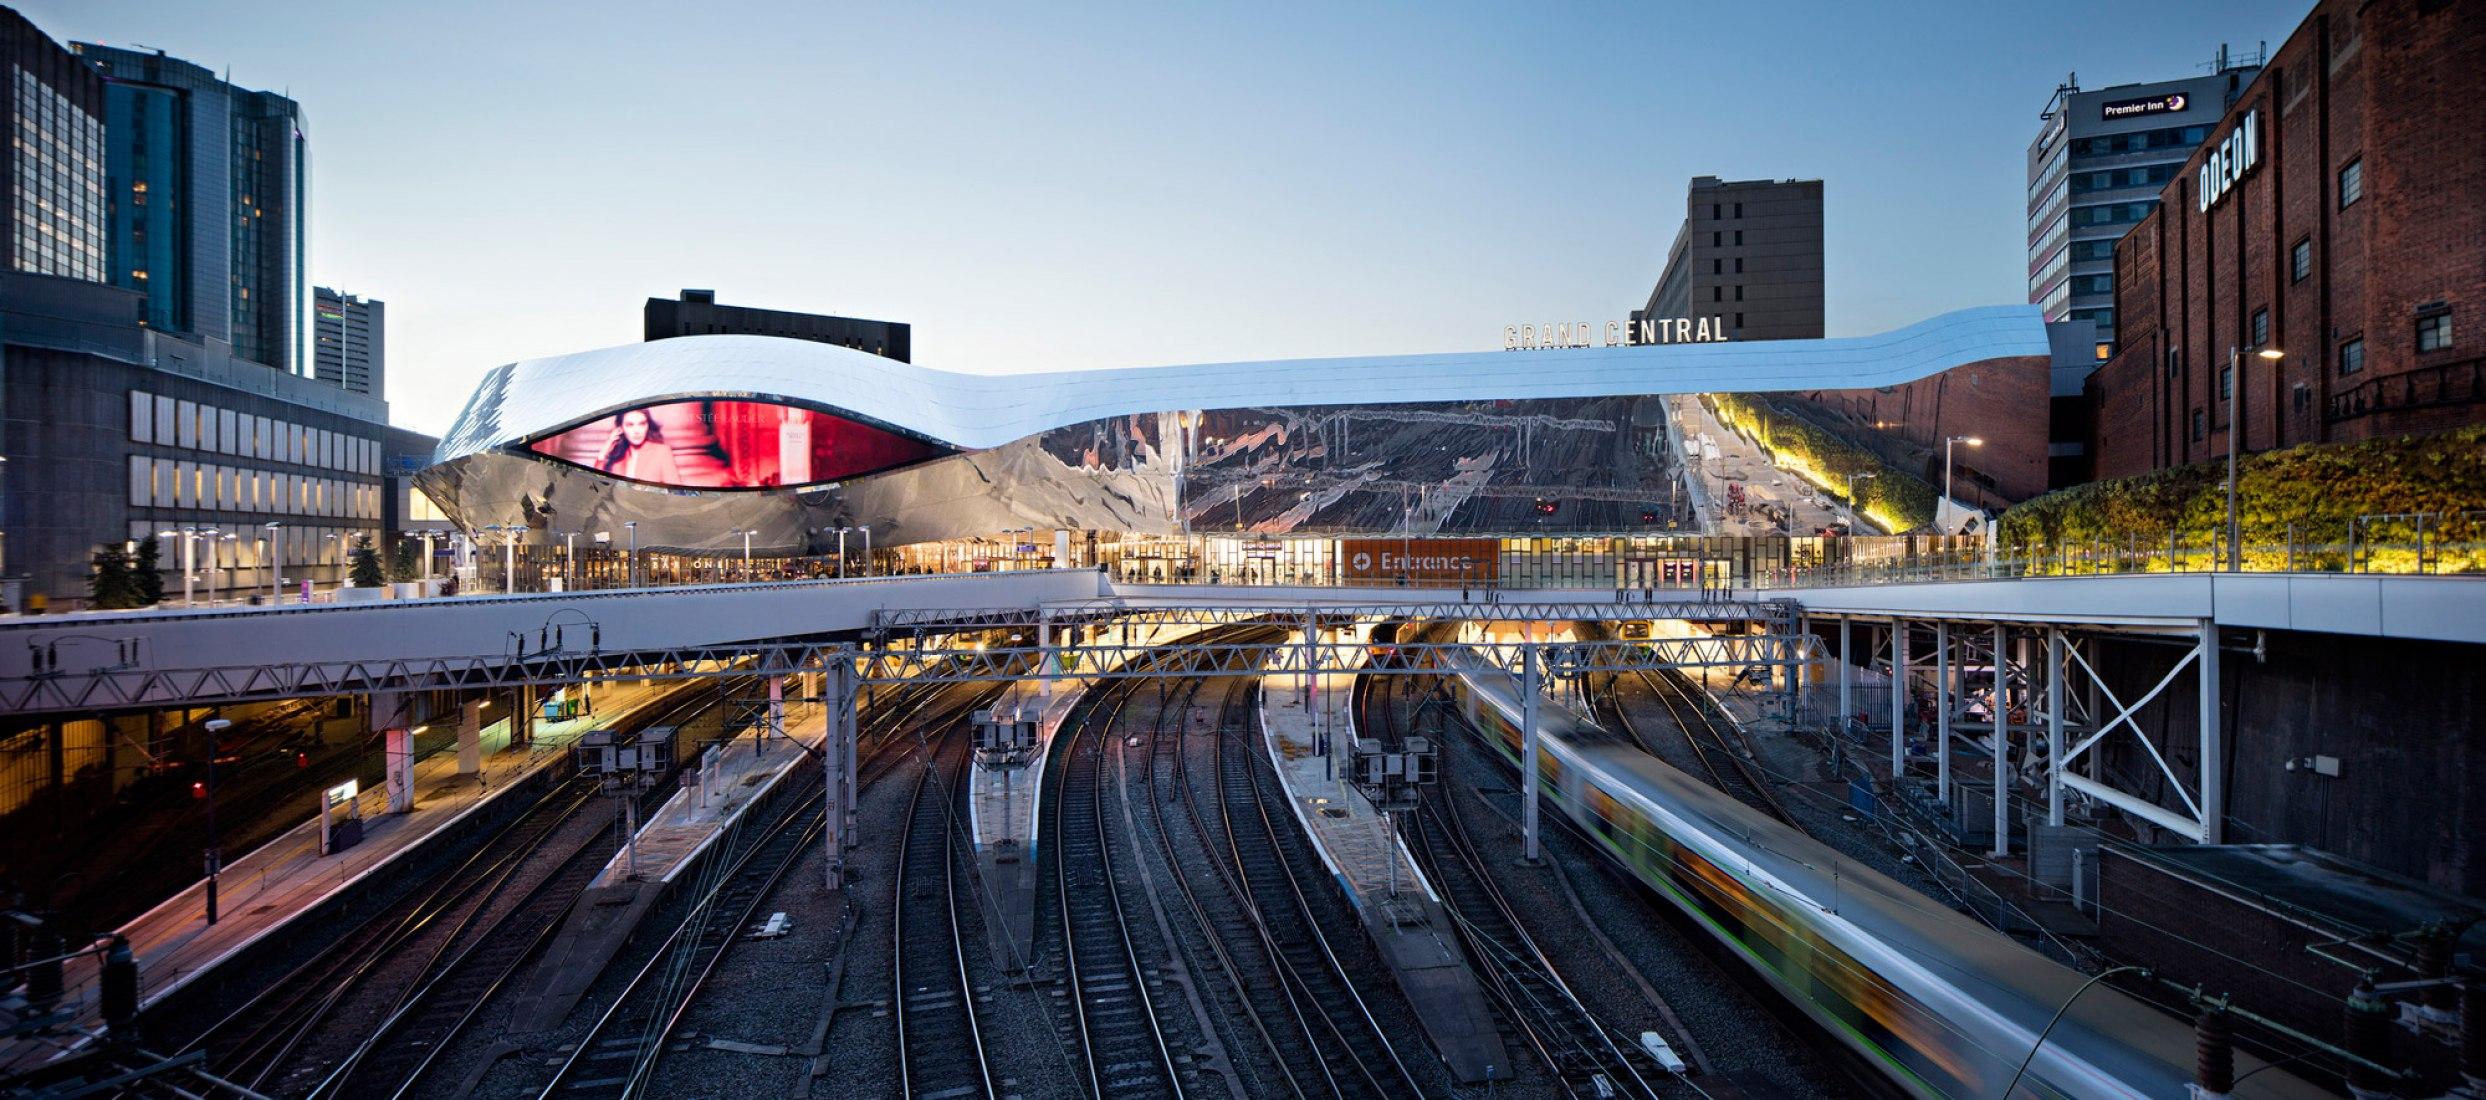 Premio Luis M. Mansilla 2016. Nueva Estación en Birmingham por AZPML. Fotografía @ Javier Callejas.